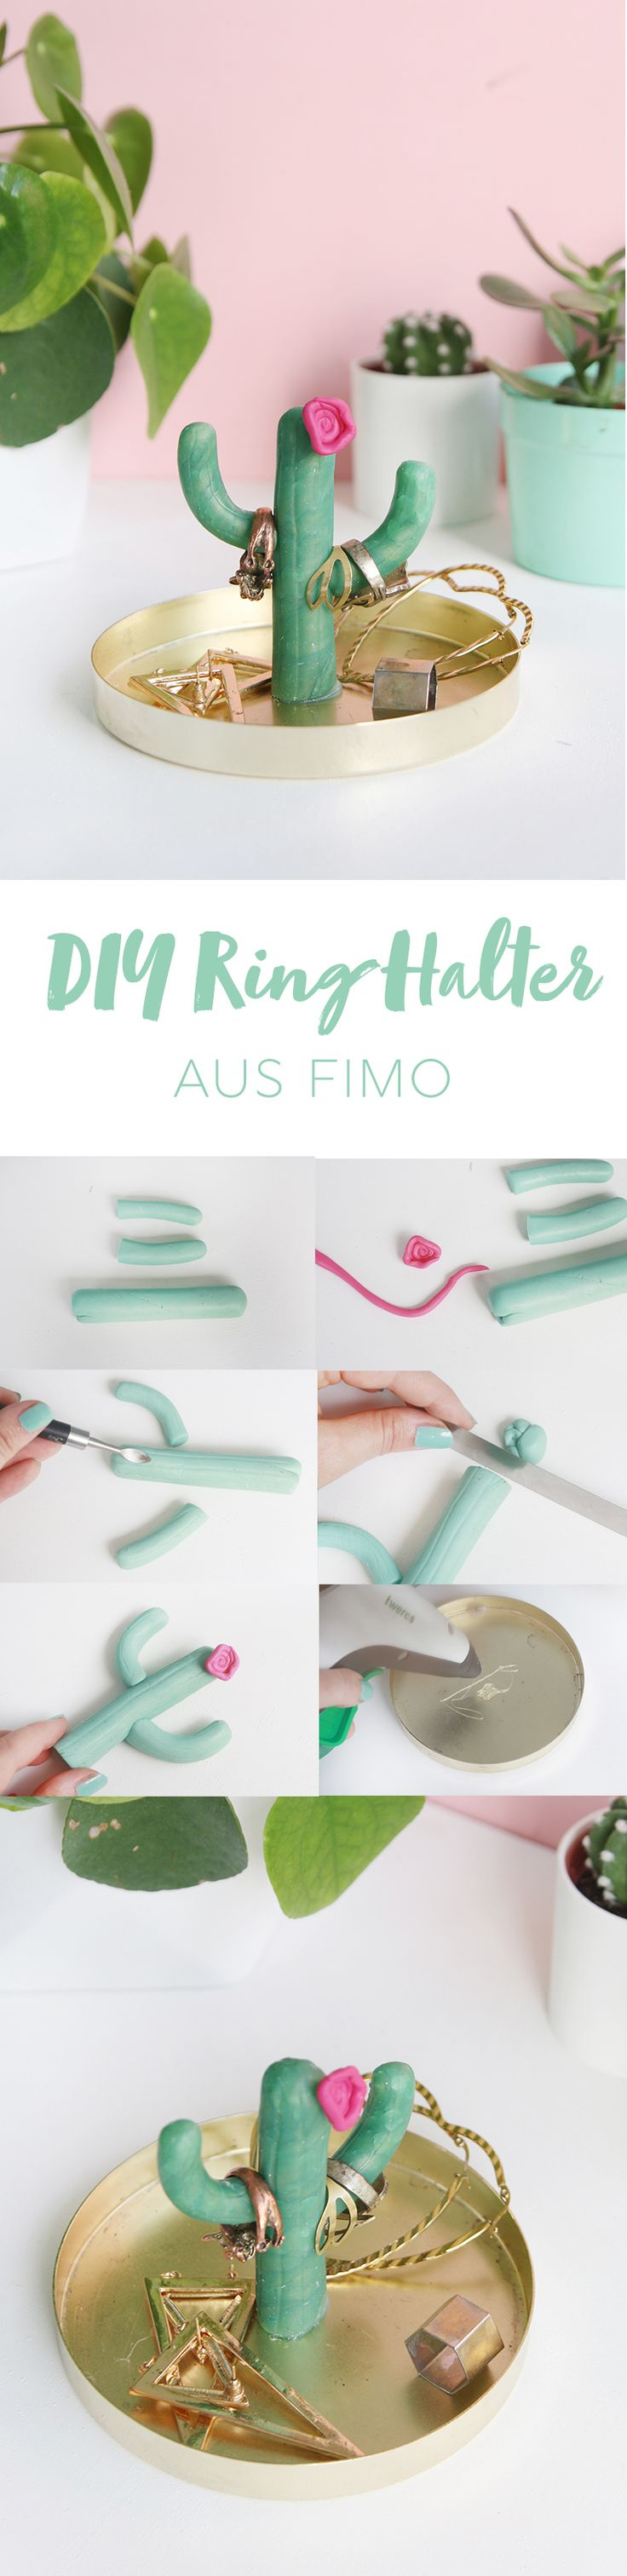 Kreative DIY Idee: Kaktus-Ringhalter selber machen aus Fimo   DIY Tutorial   DIY Anleitung   Clay   Modelliermasse